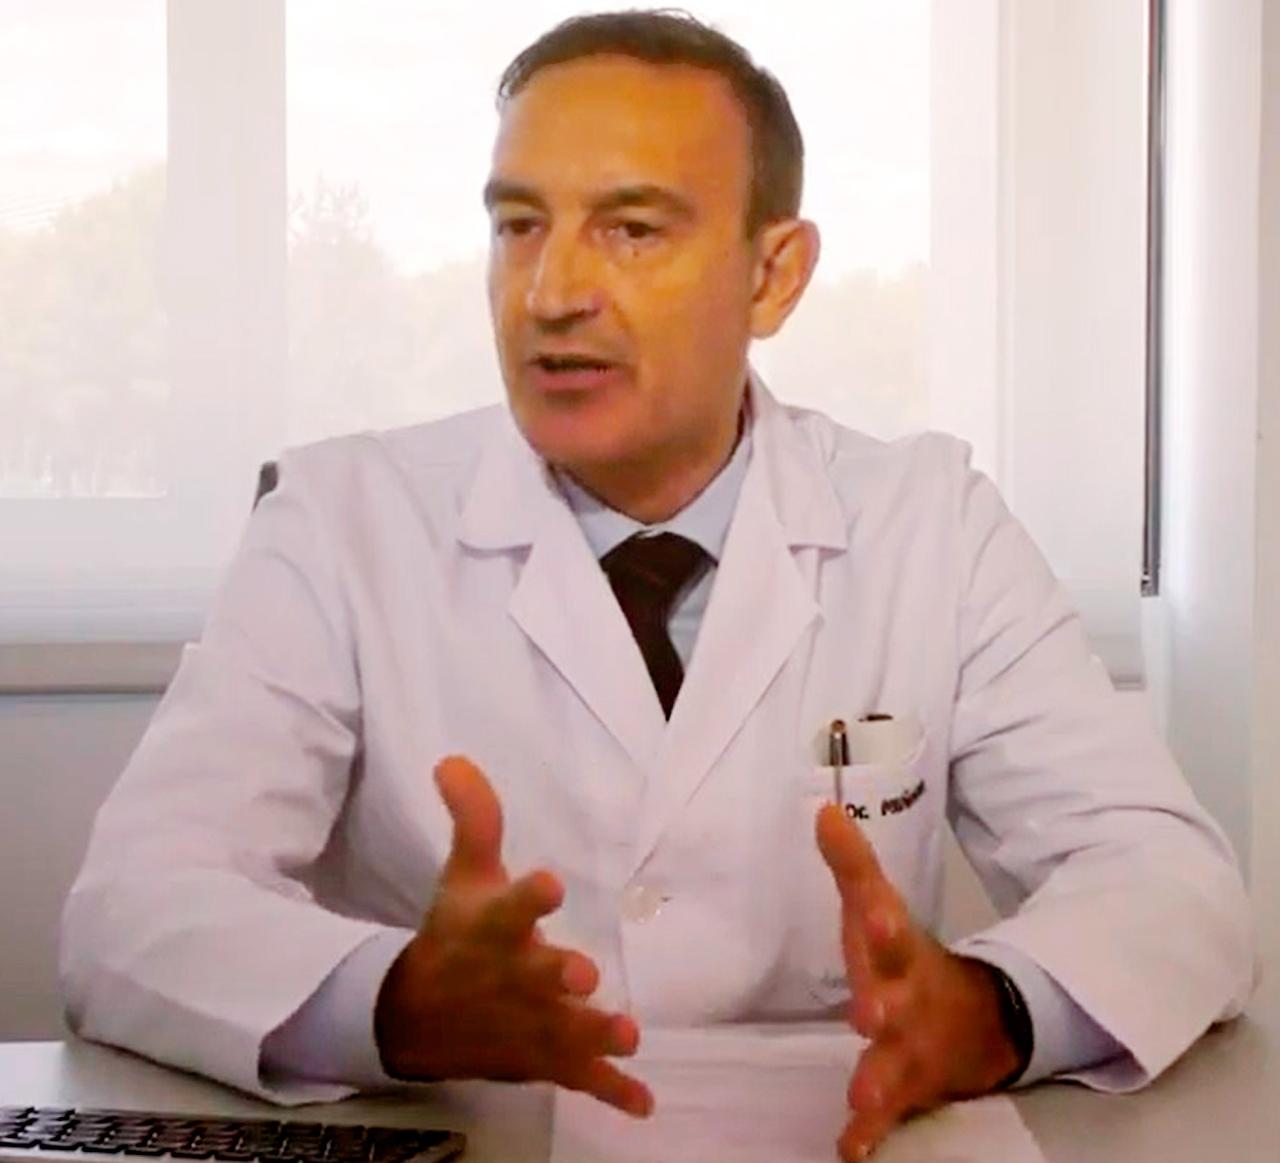 post cirugía de próstata para reactivar el menú de deseo